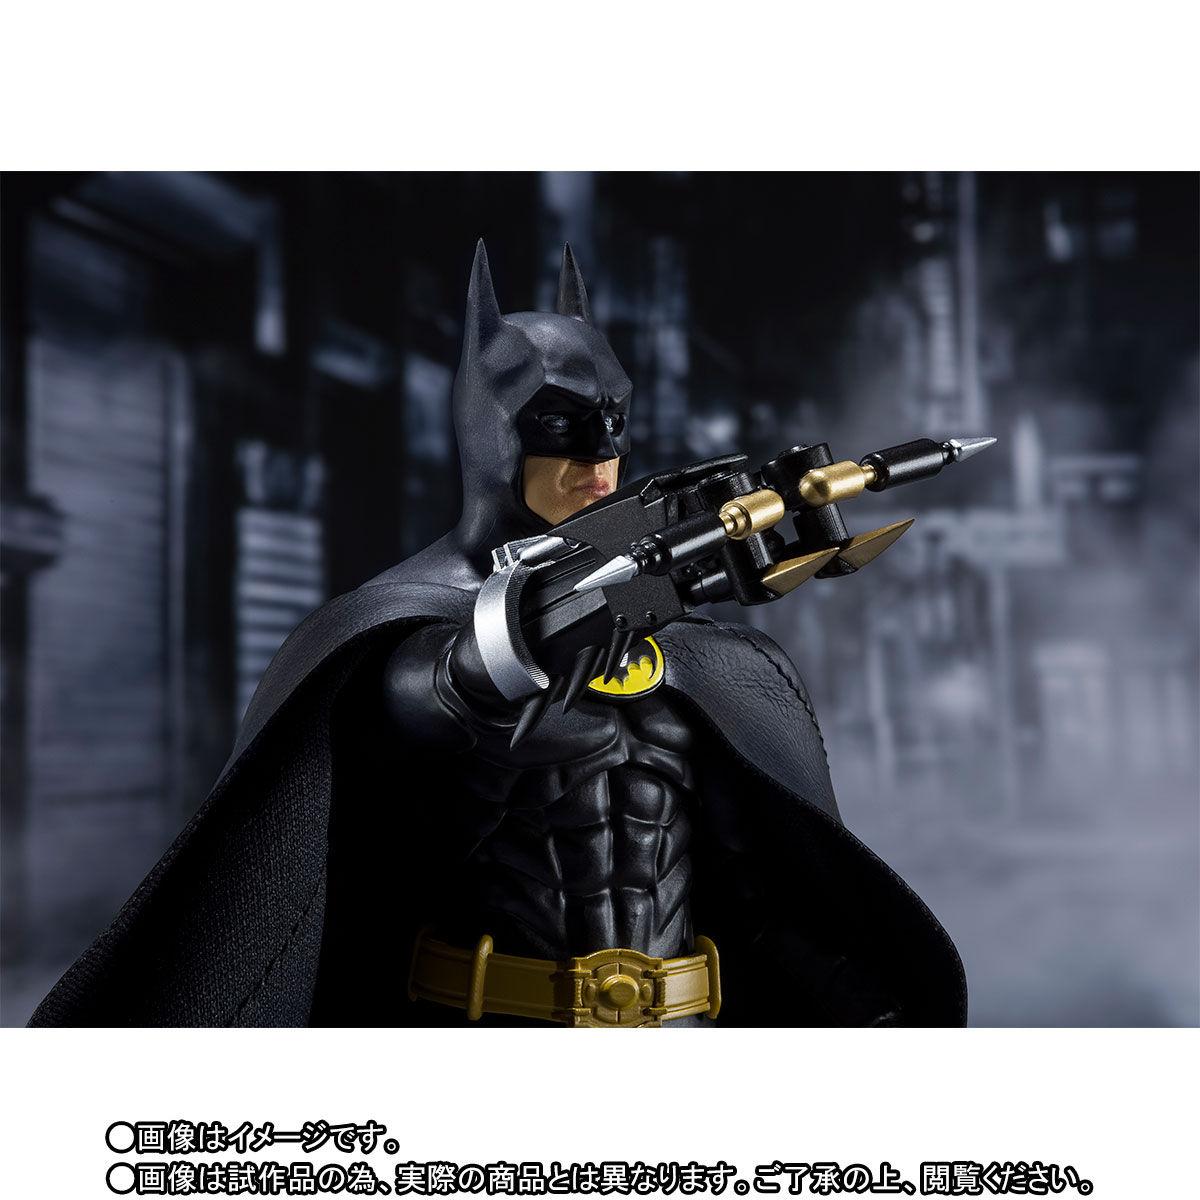 【限定販売】S.H.Figuarts『バットマン(BATMAN 1989)』可動フィギュア-005